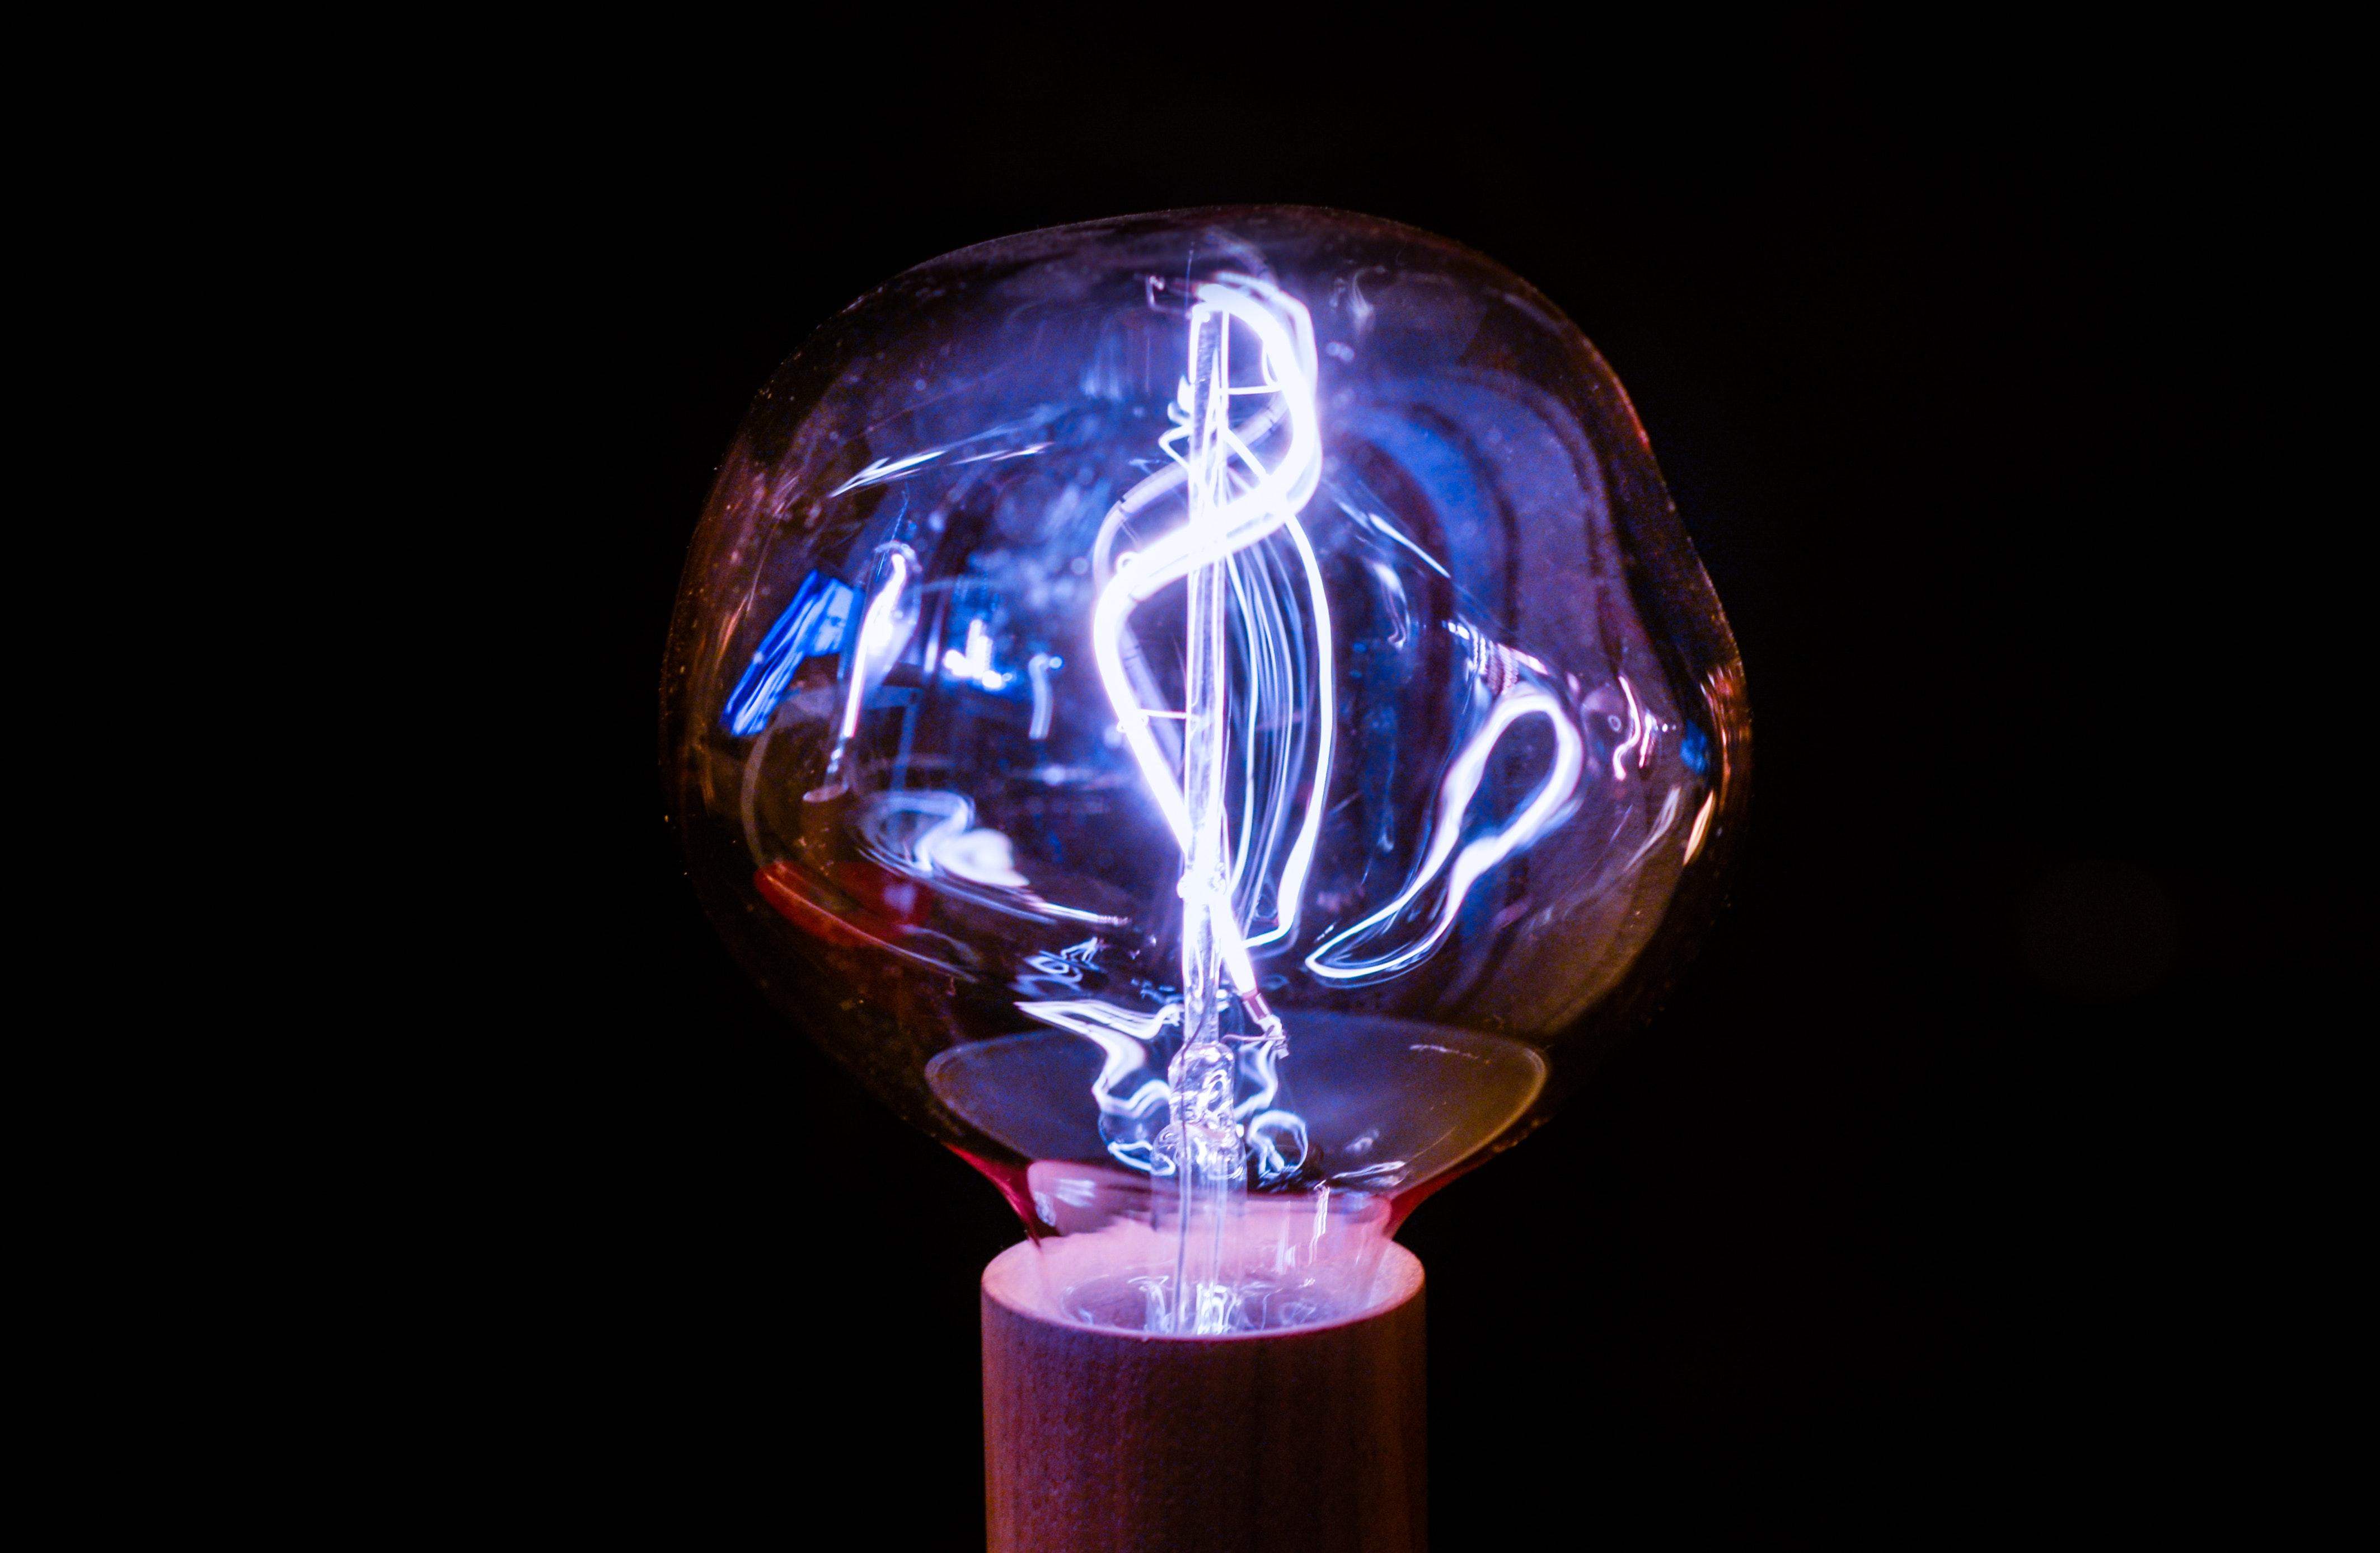 """Résultat de recherche d'images pour """"image ampoule"""""""